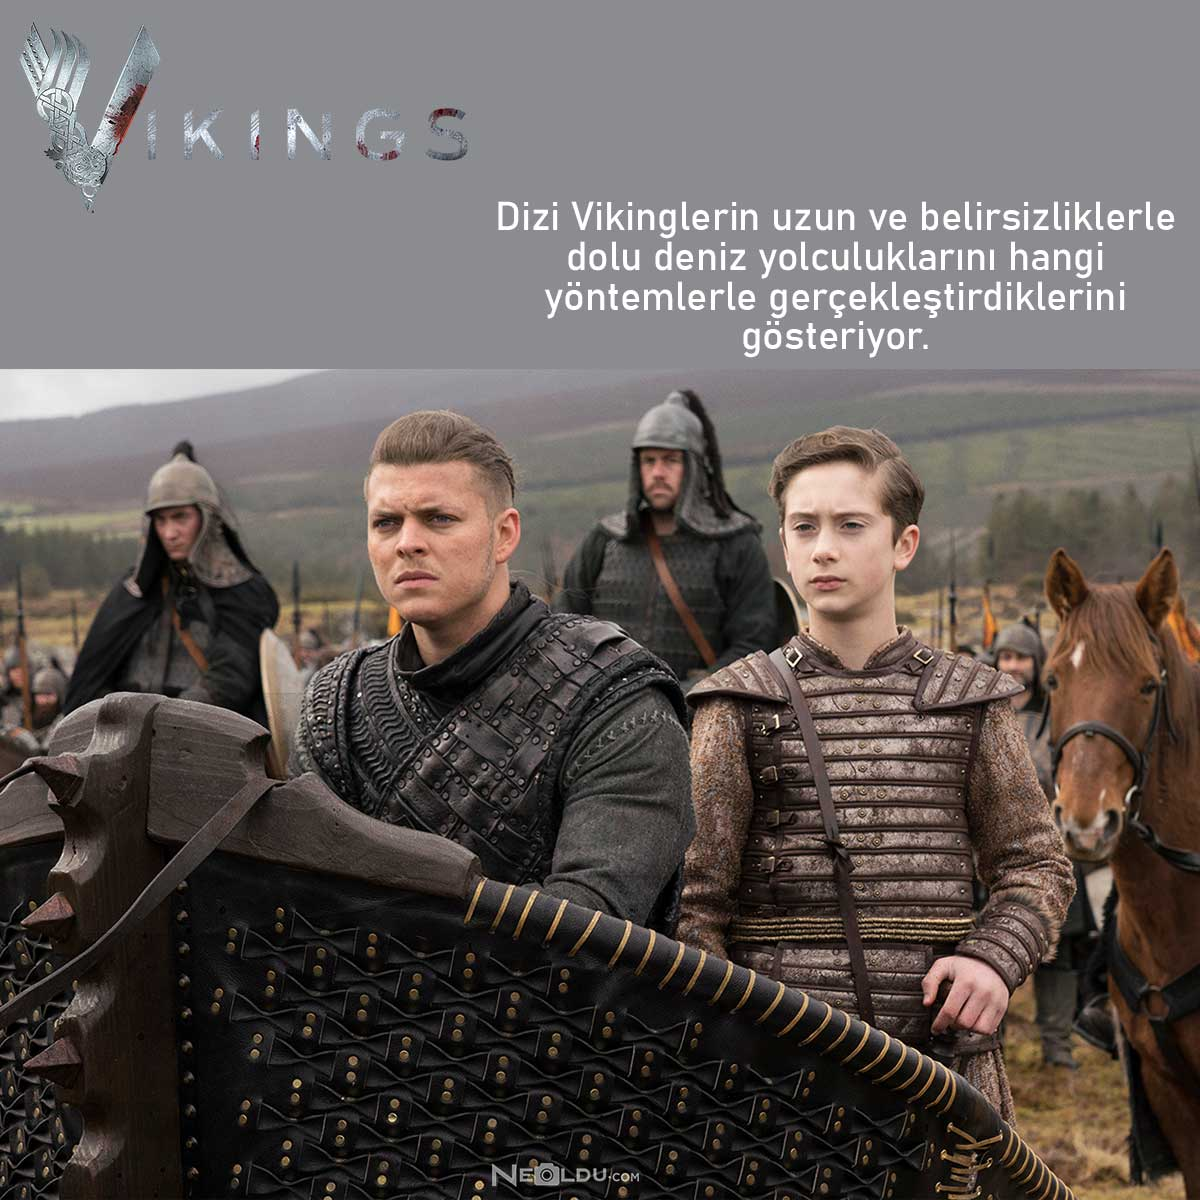 vikings-dizisi-hakkinda-bilinmesi-gerekenler!.jpg